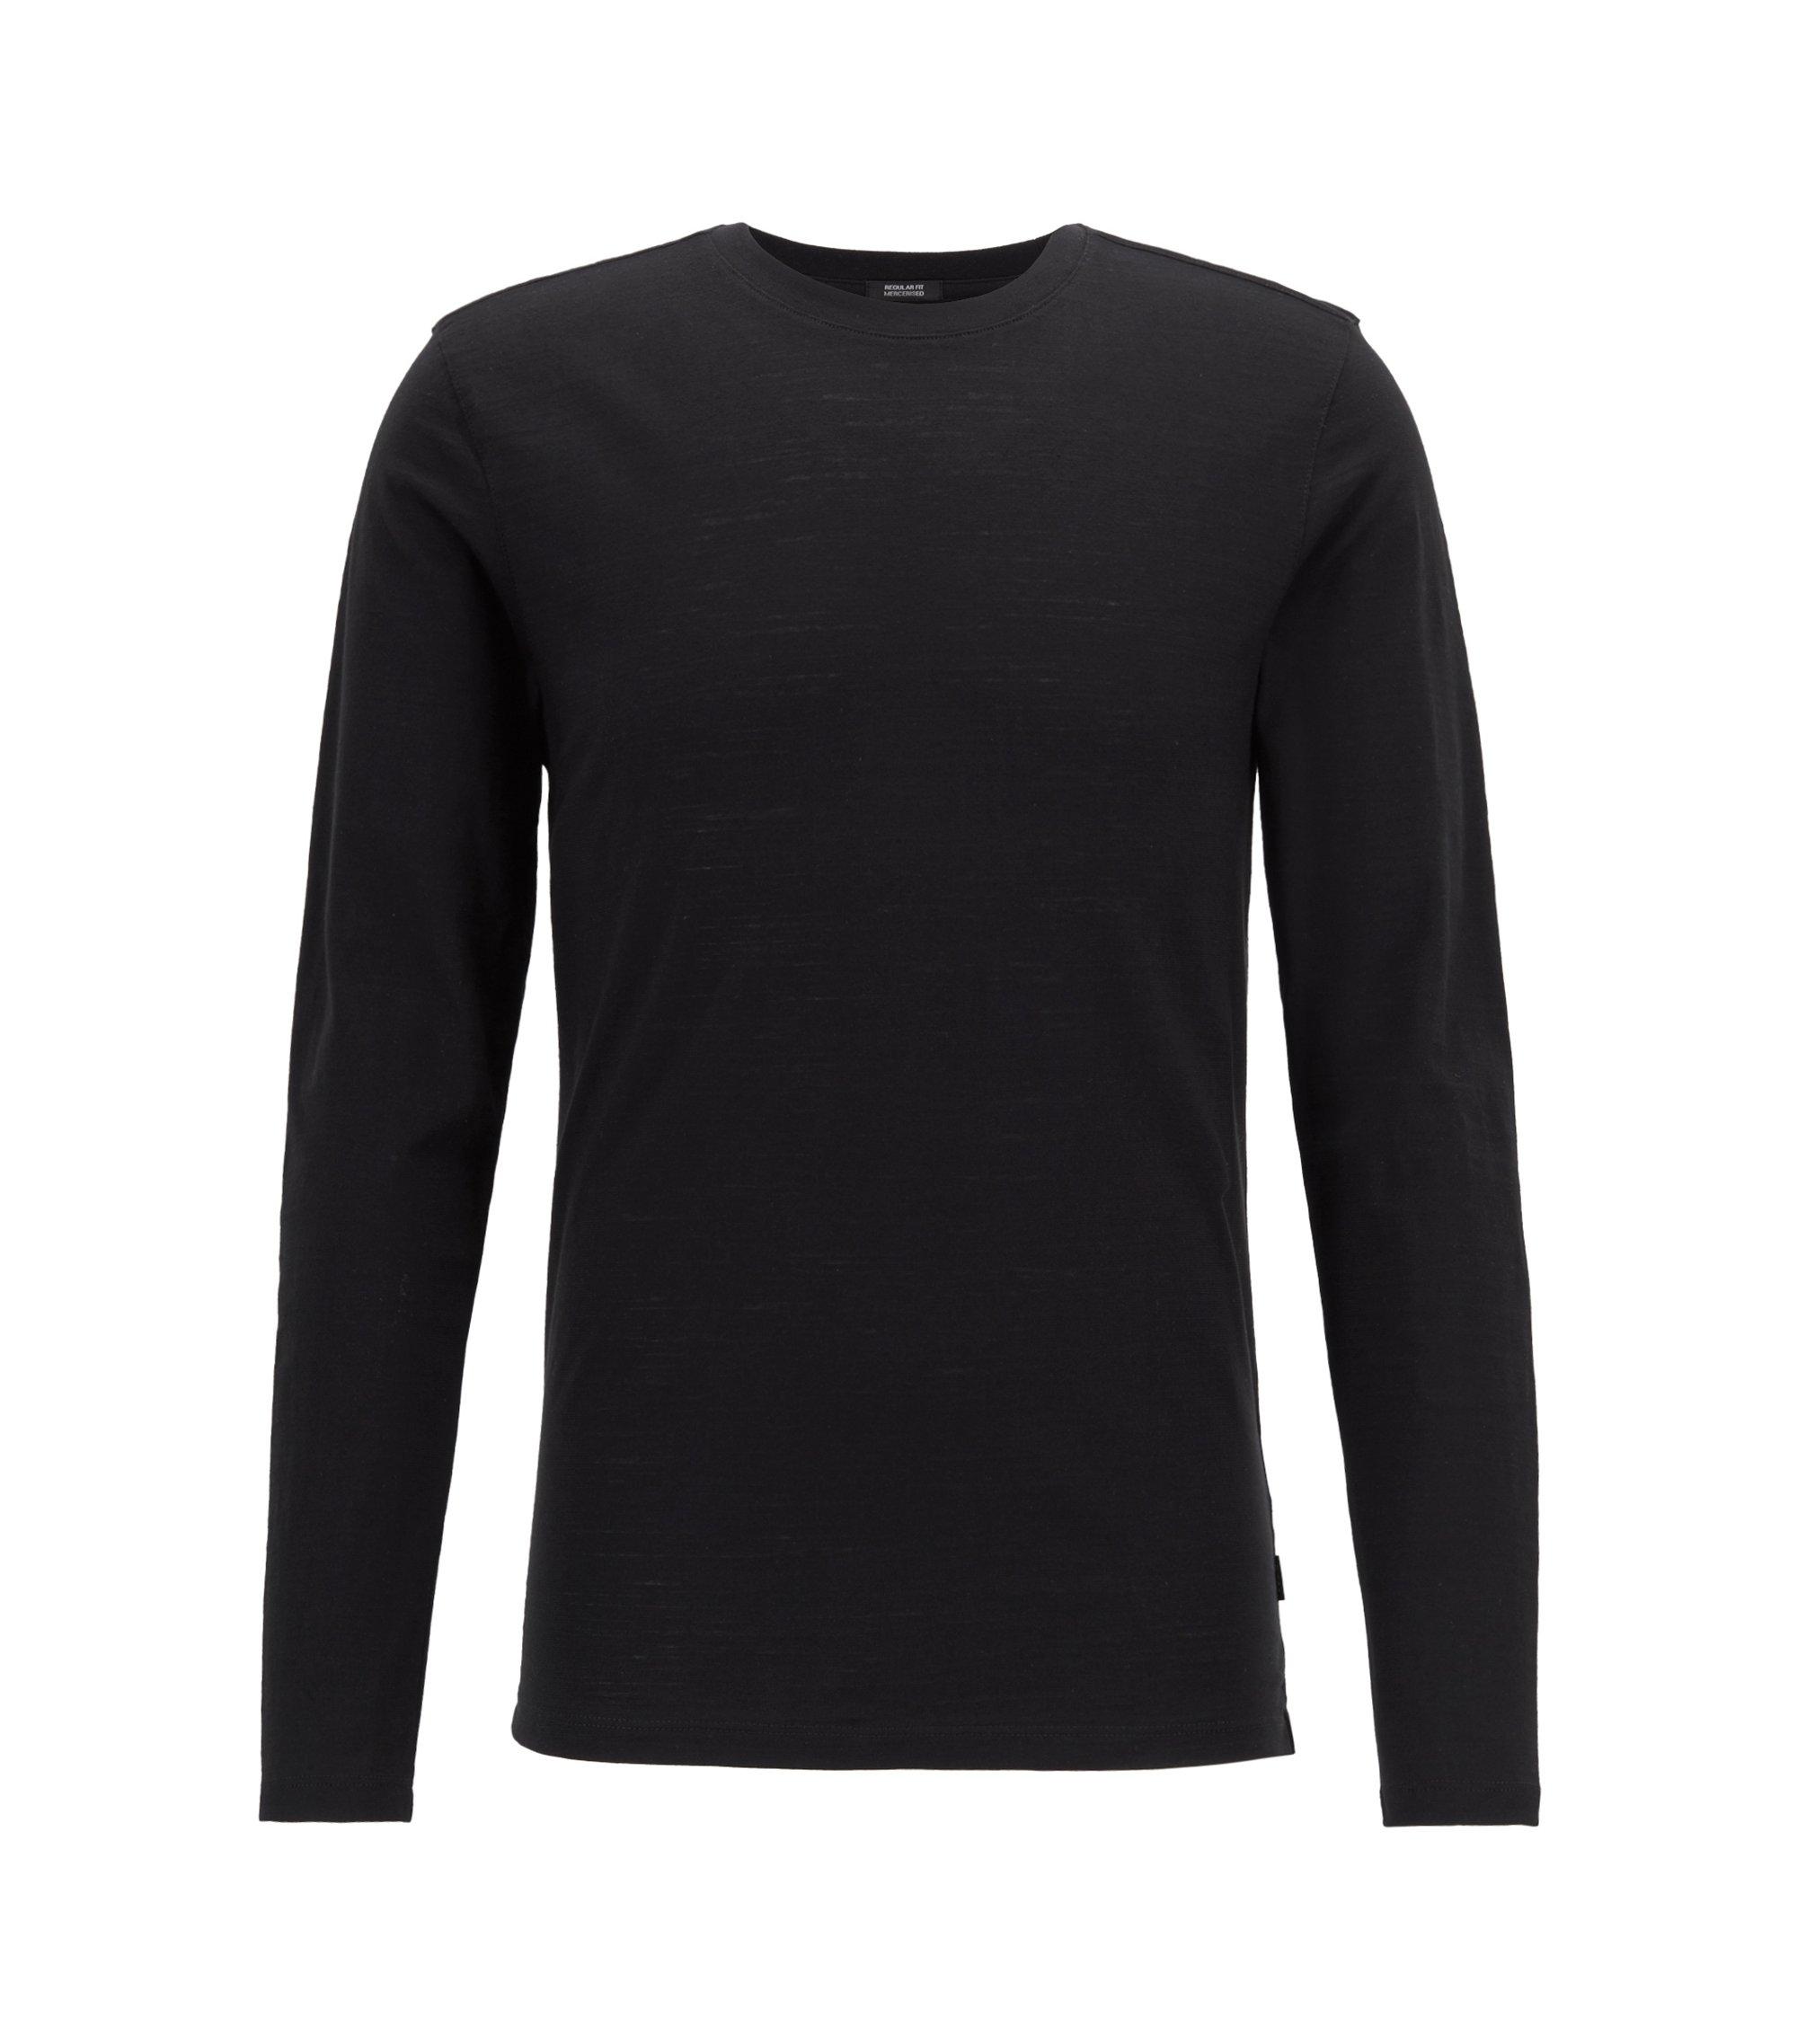 T-shirt Slim Fit à manches longues en coton flammé mercerisé, Noir